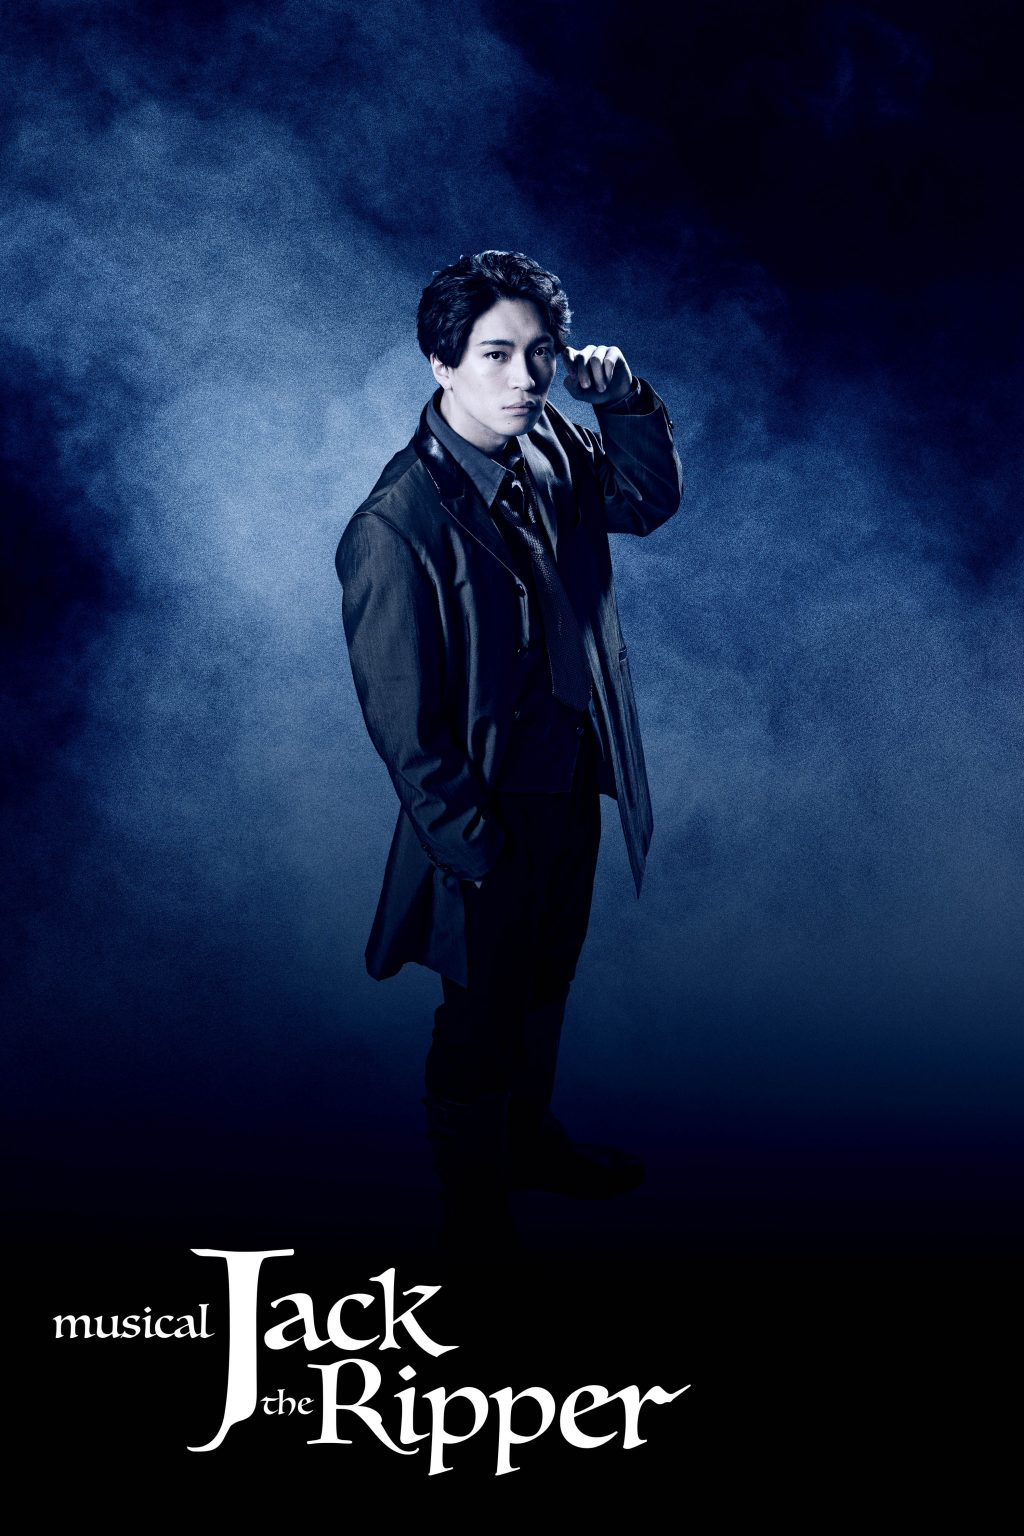 木村達成・小野賢章ら出演『ジャック・ザ・リッパー』、プロモーション動画&キャストコメント公開 イメージ画像